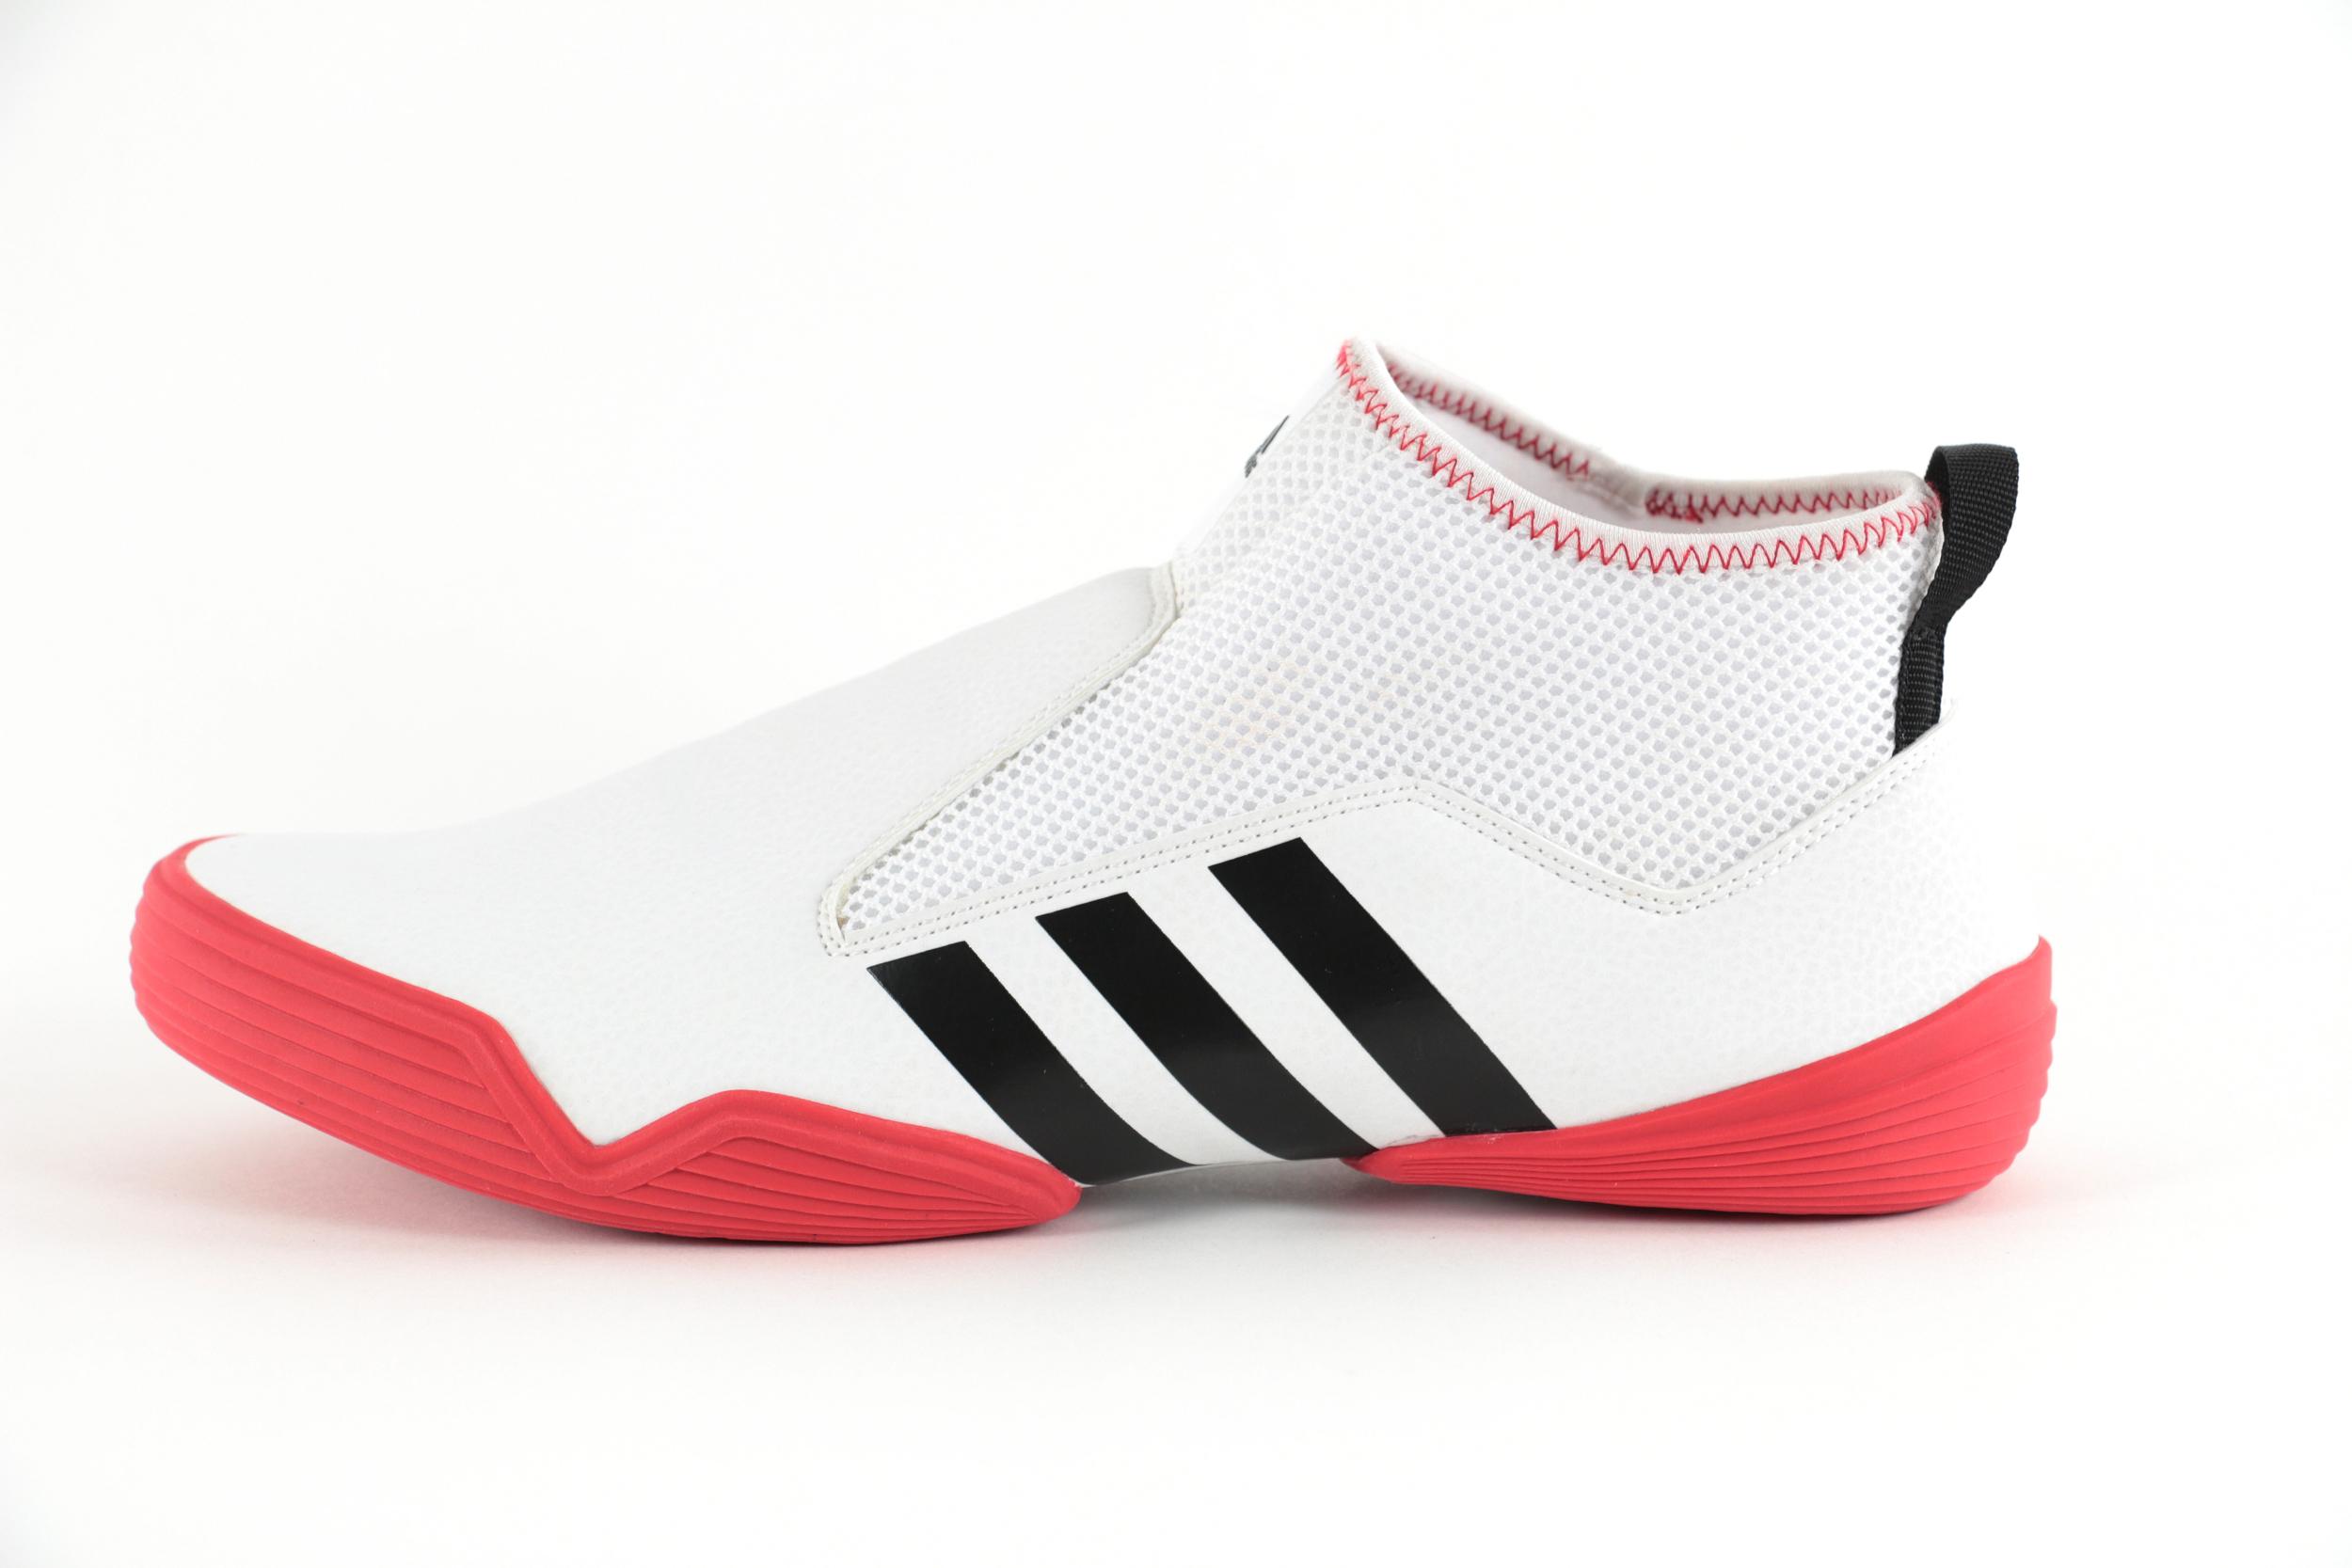 chaussures taekwondo adidas adilux